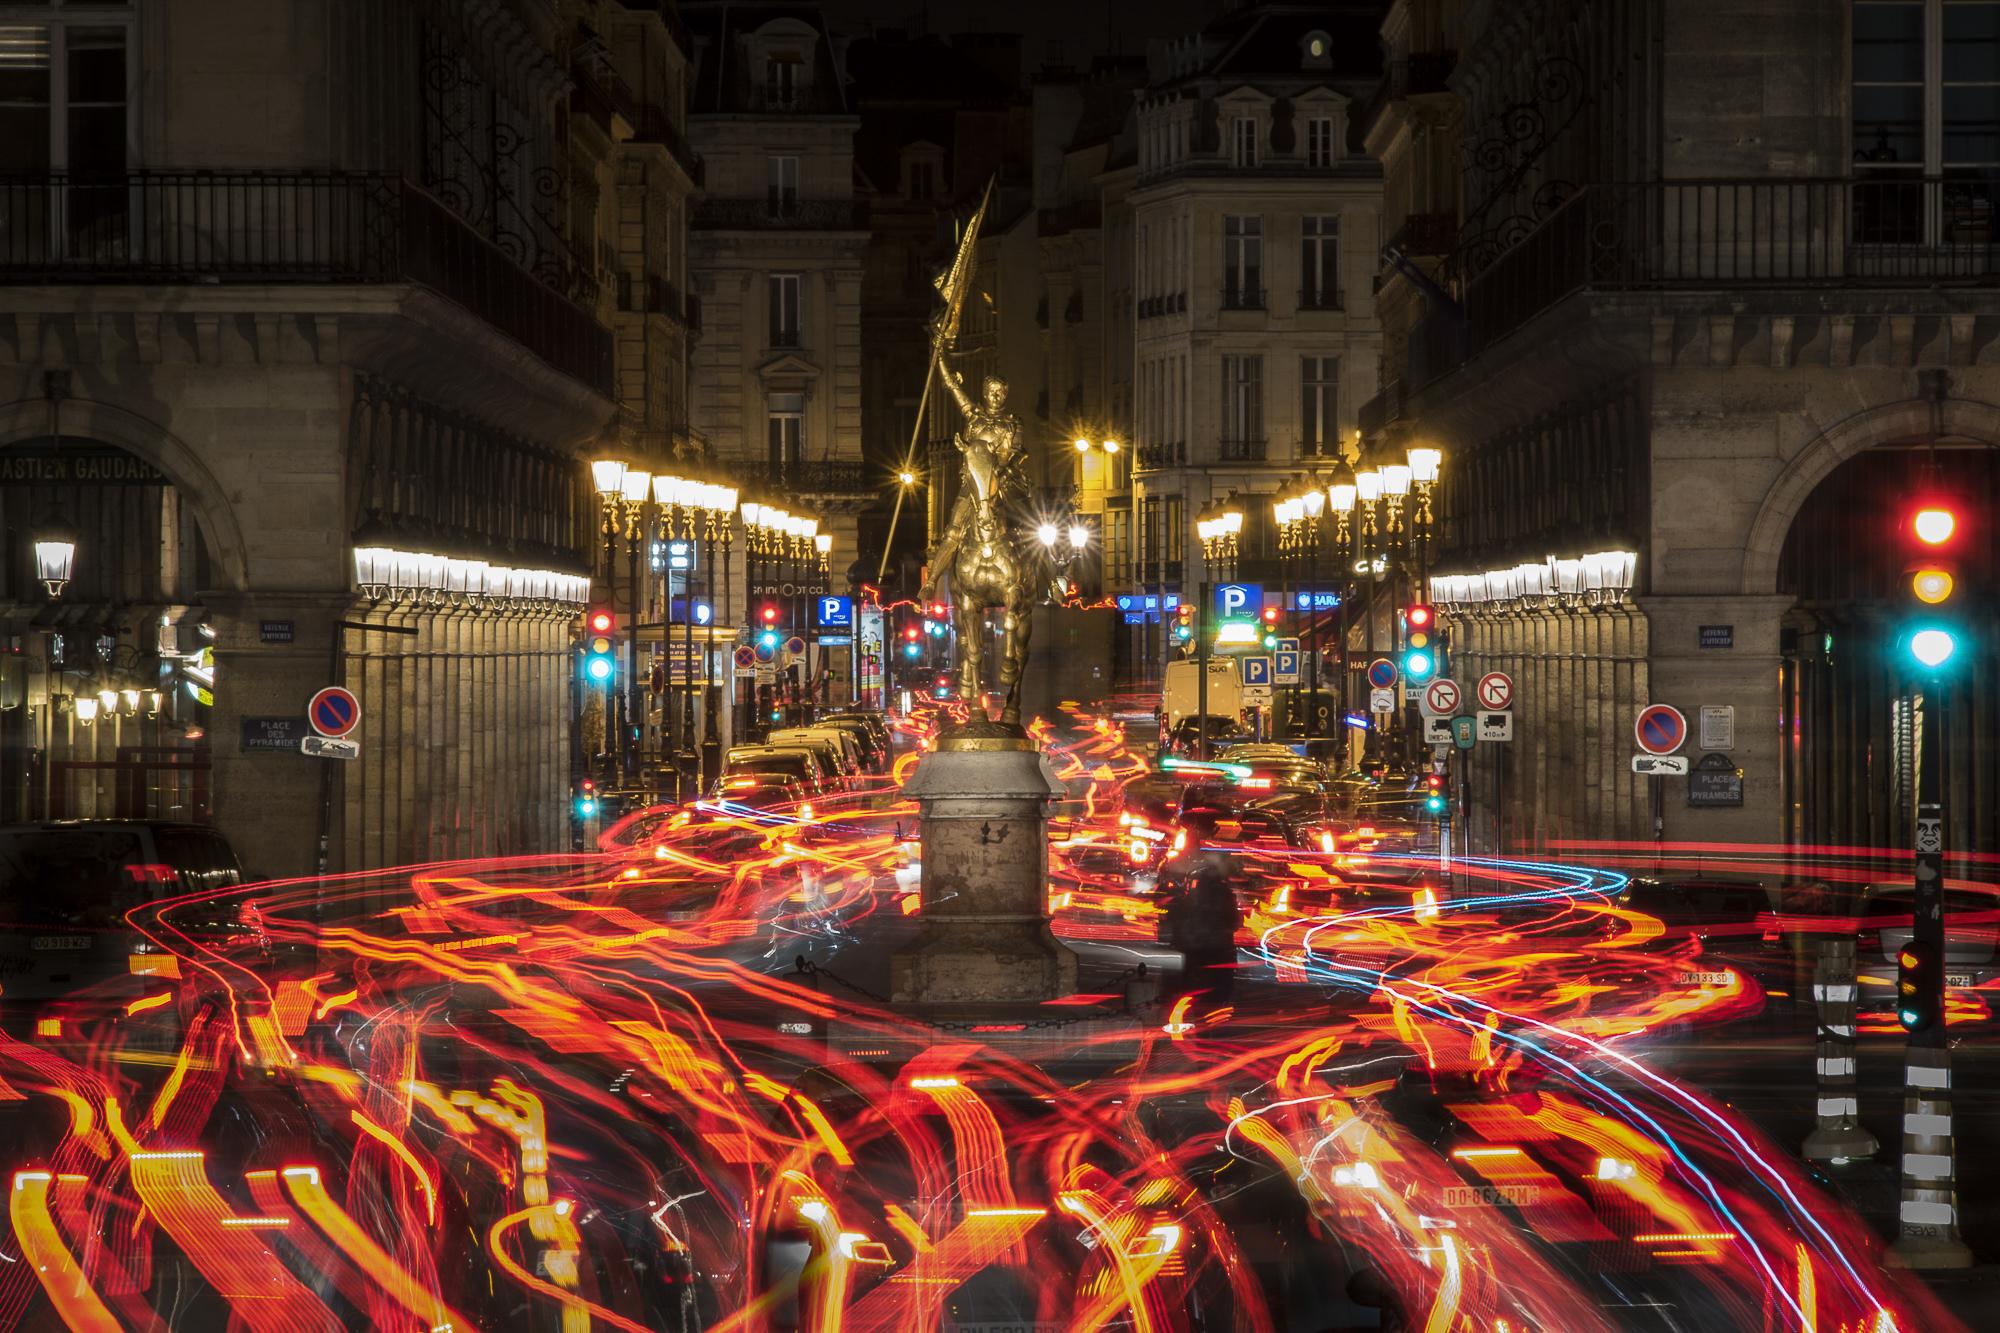 paris-extended-photo-tour-013.jpg